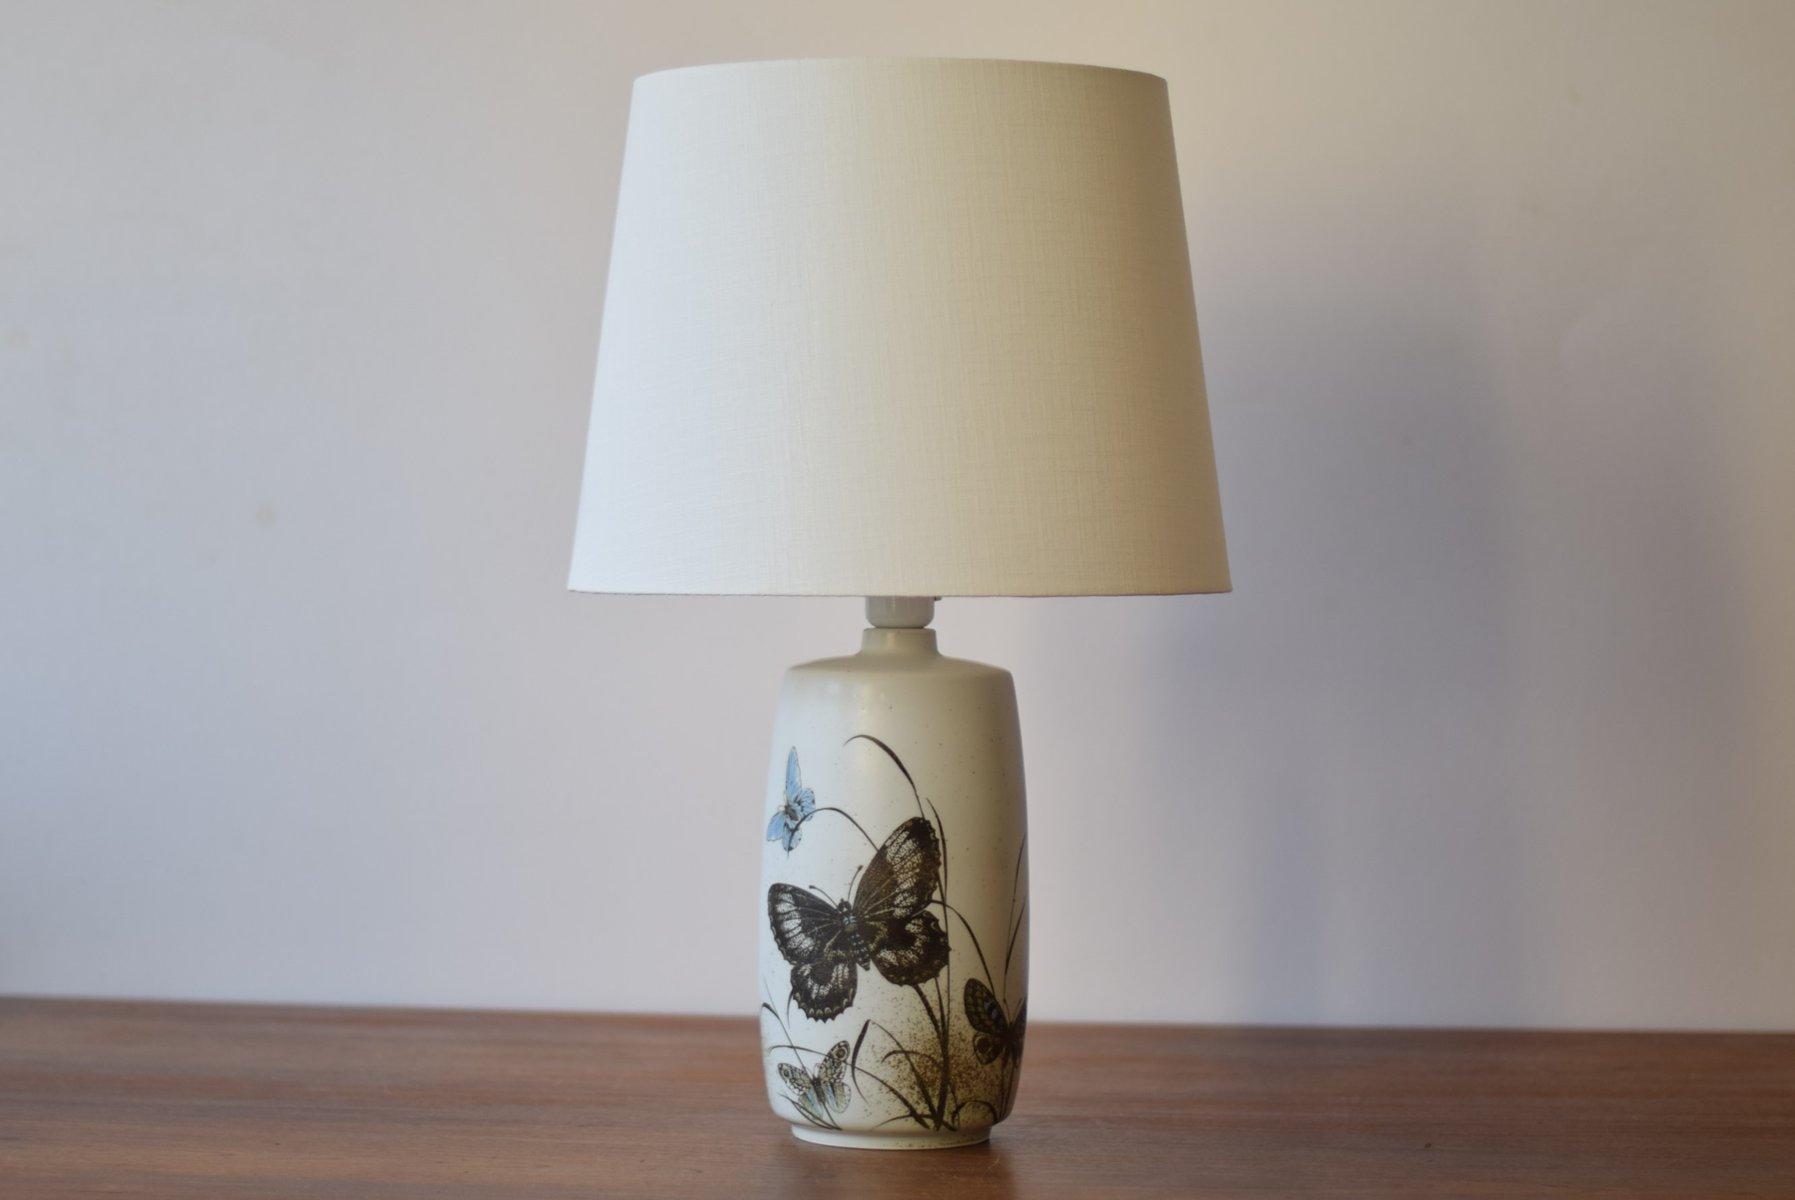 Dänischer Mid-Century Tischlampe mit Schmetterling Motiv von Nils Thor...